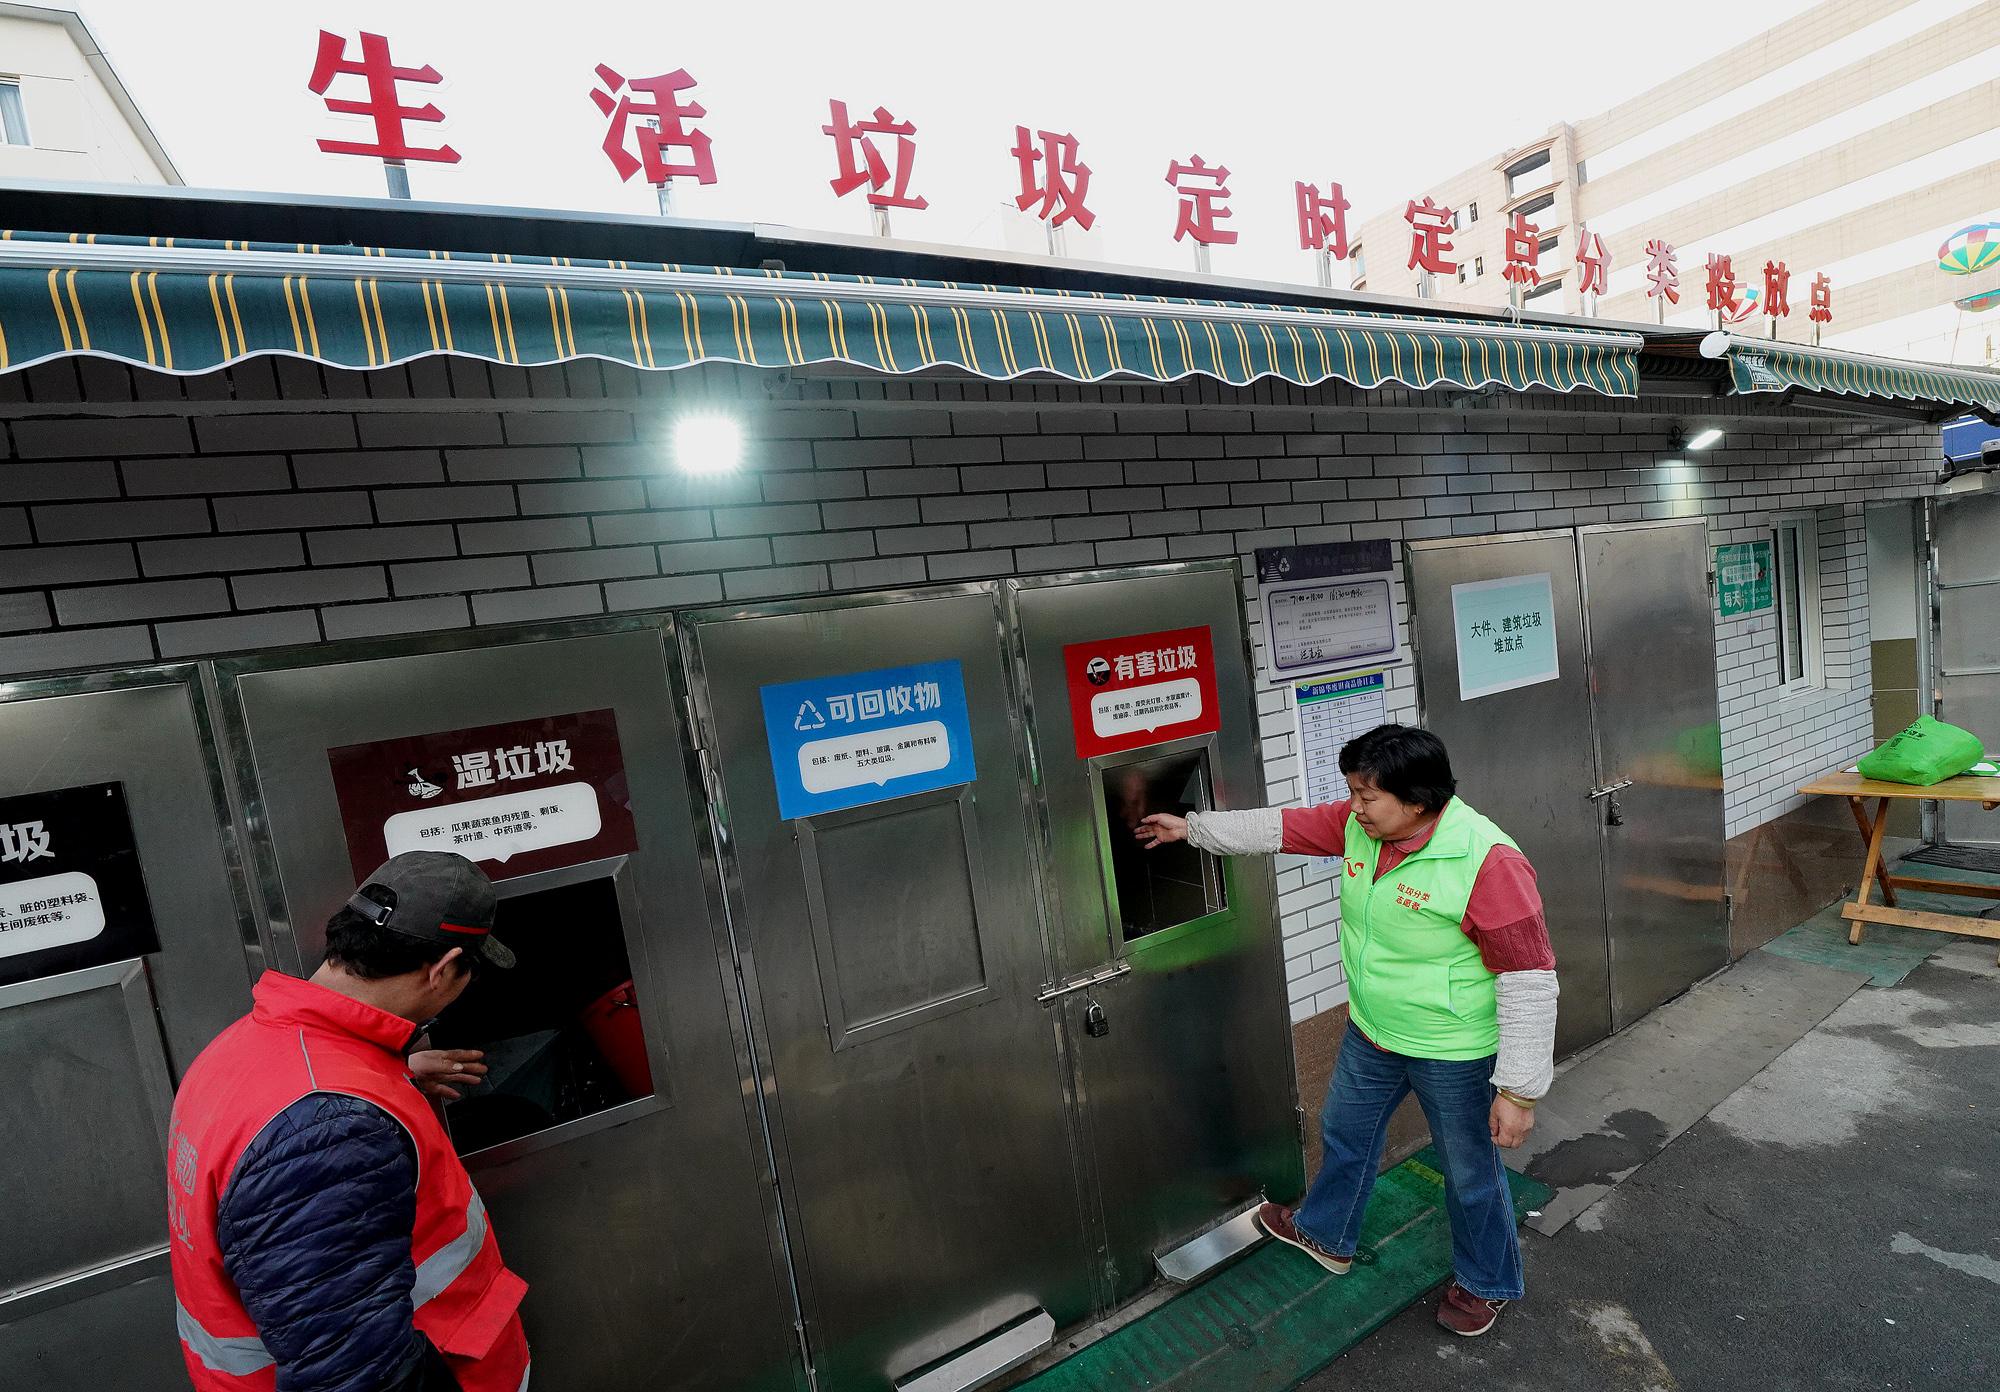 上海垃圾投放时间将会适当延长